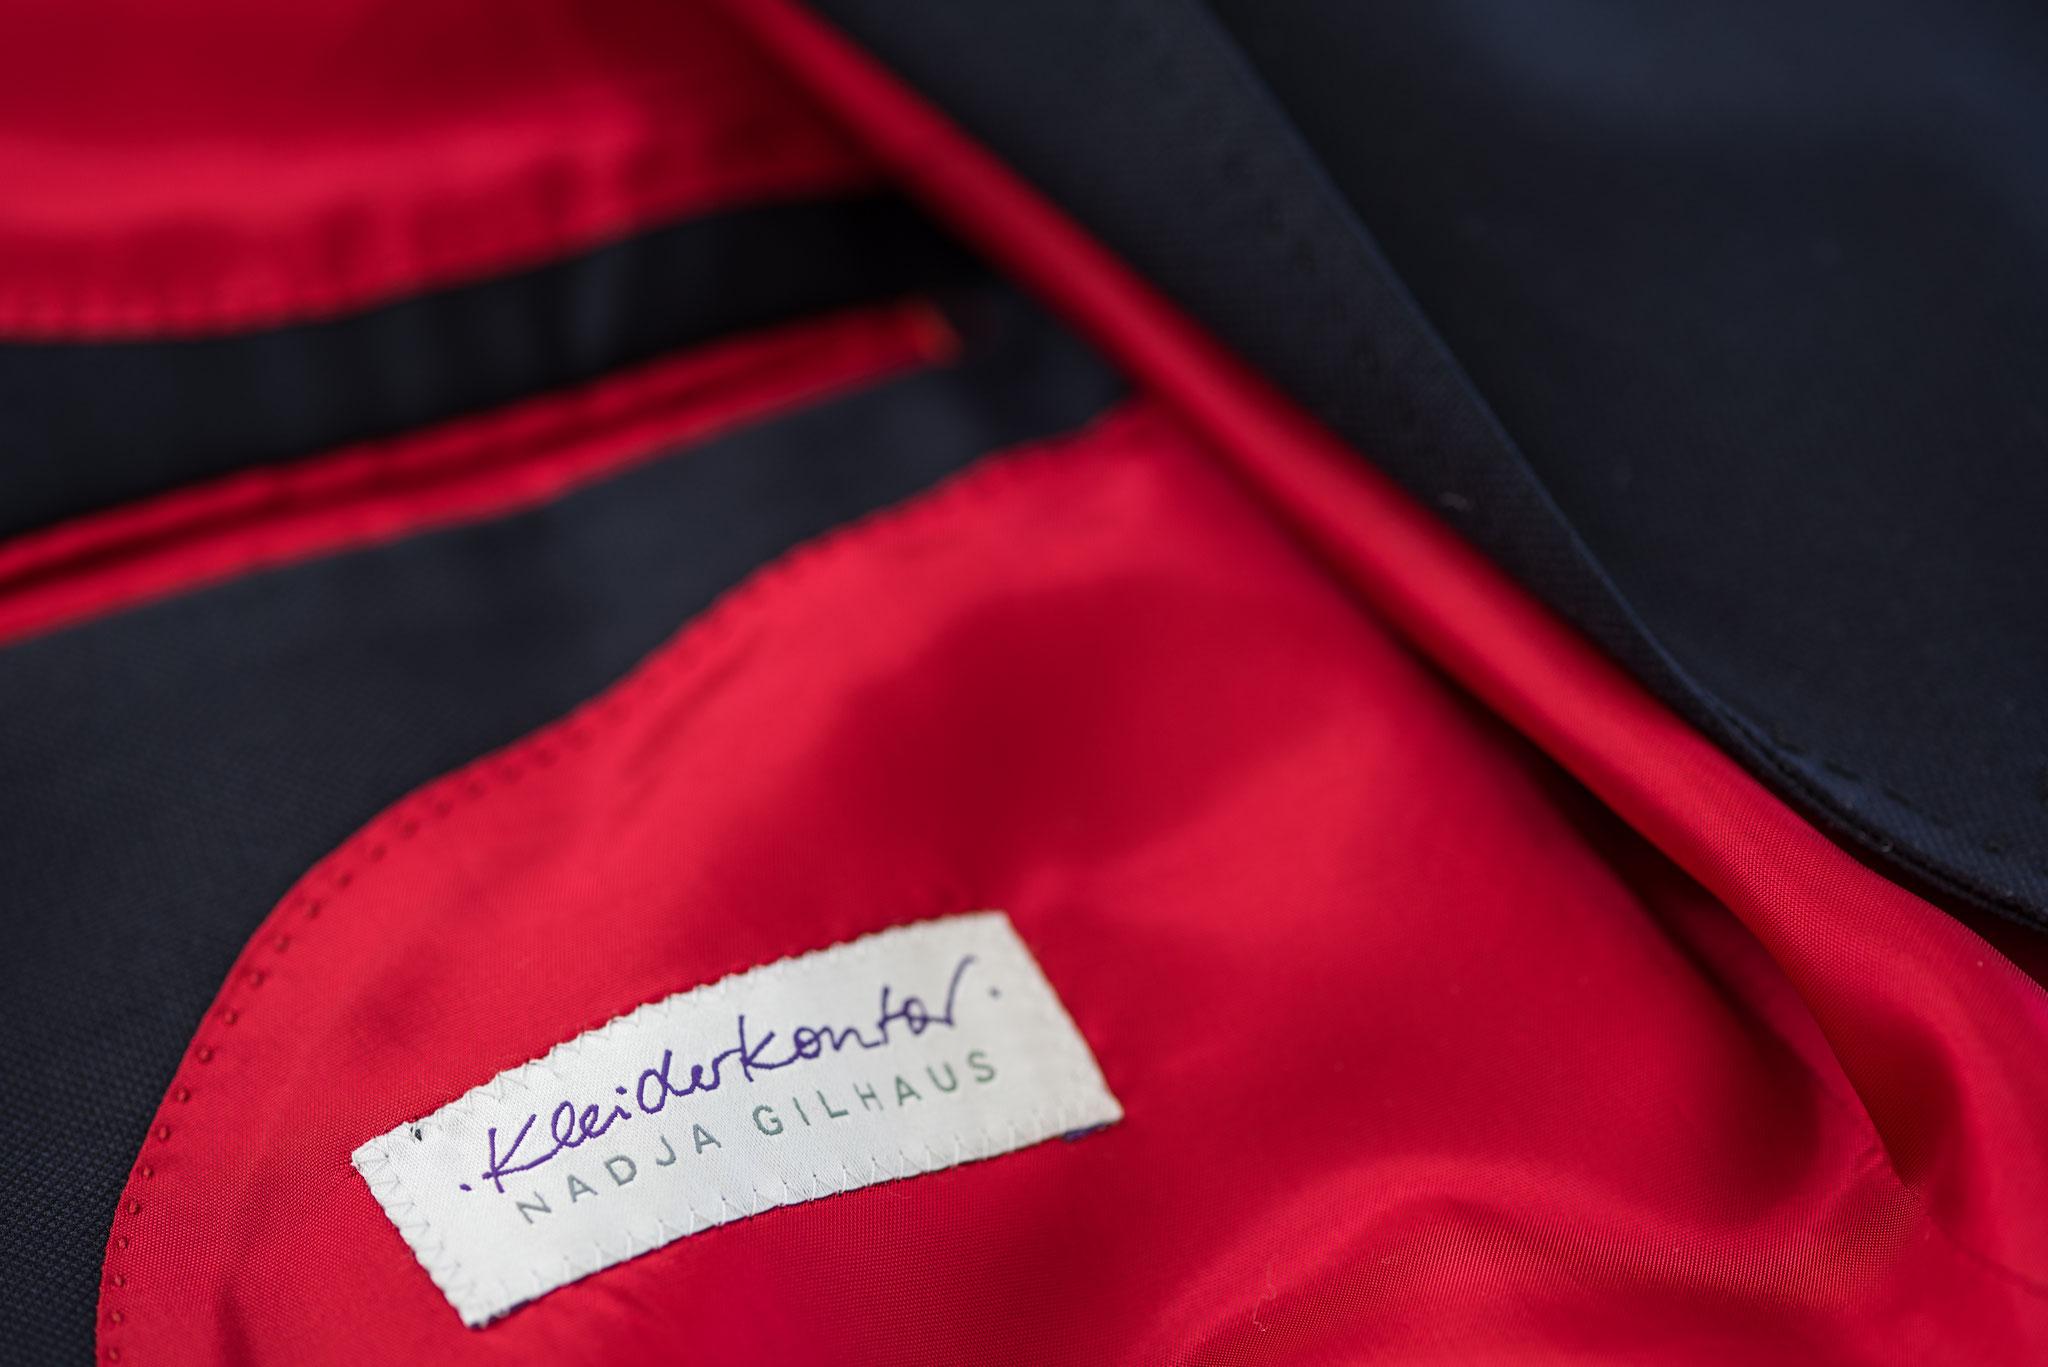 Herrensakko Maßkonfektion mit Einnähetikett des Kleiderkontors in rotem Futter